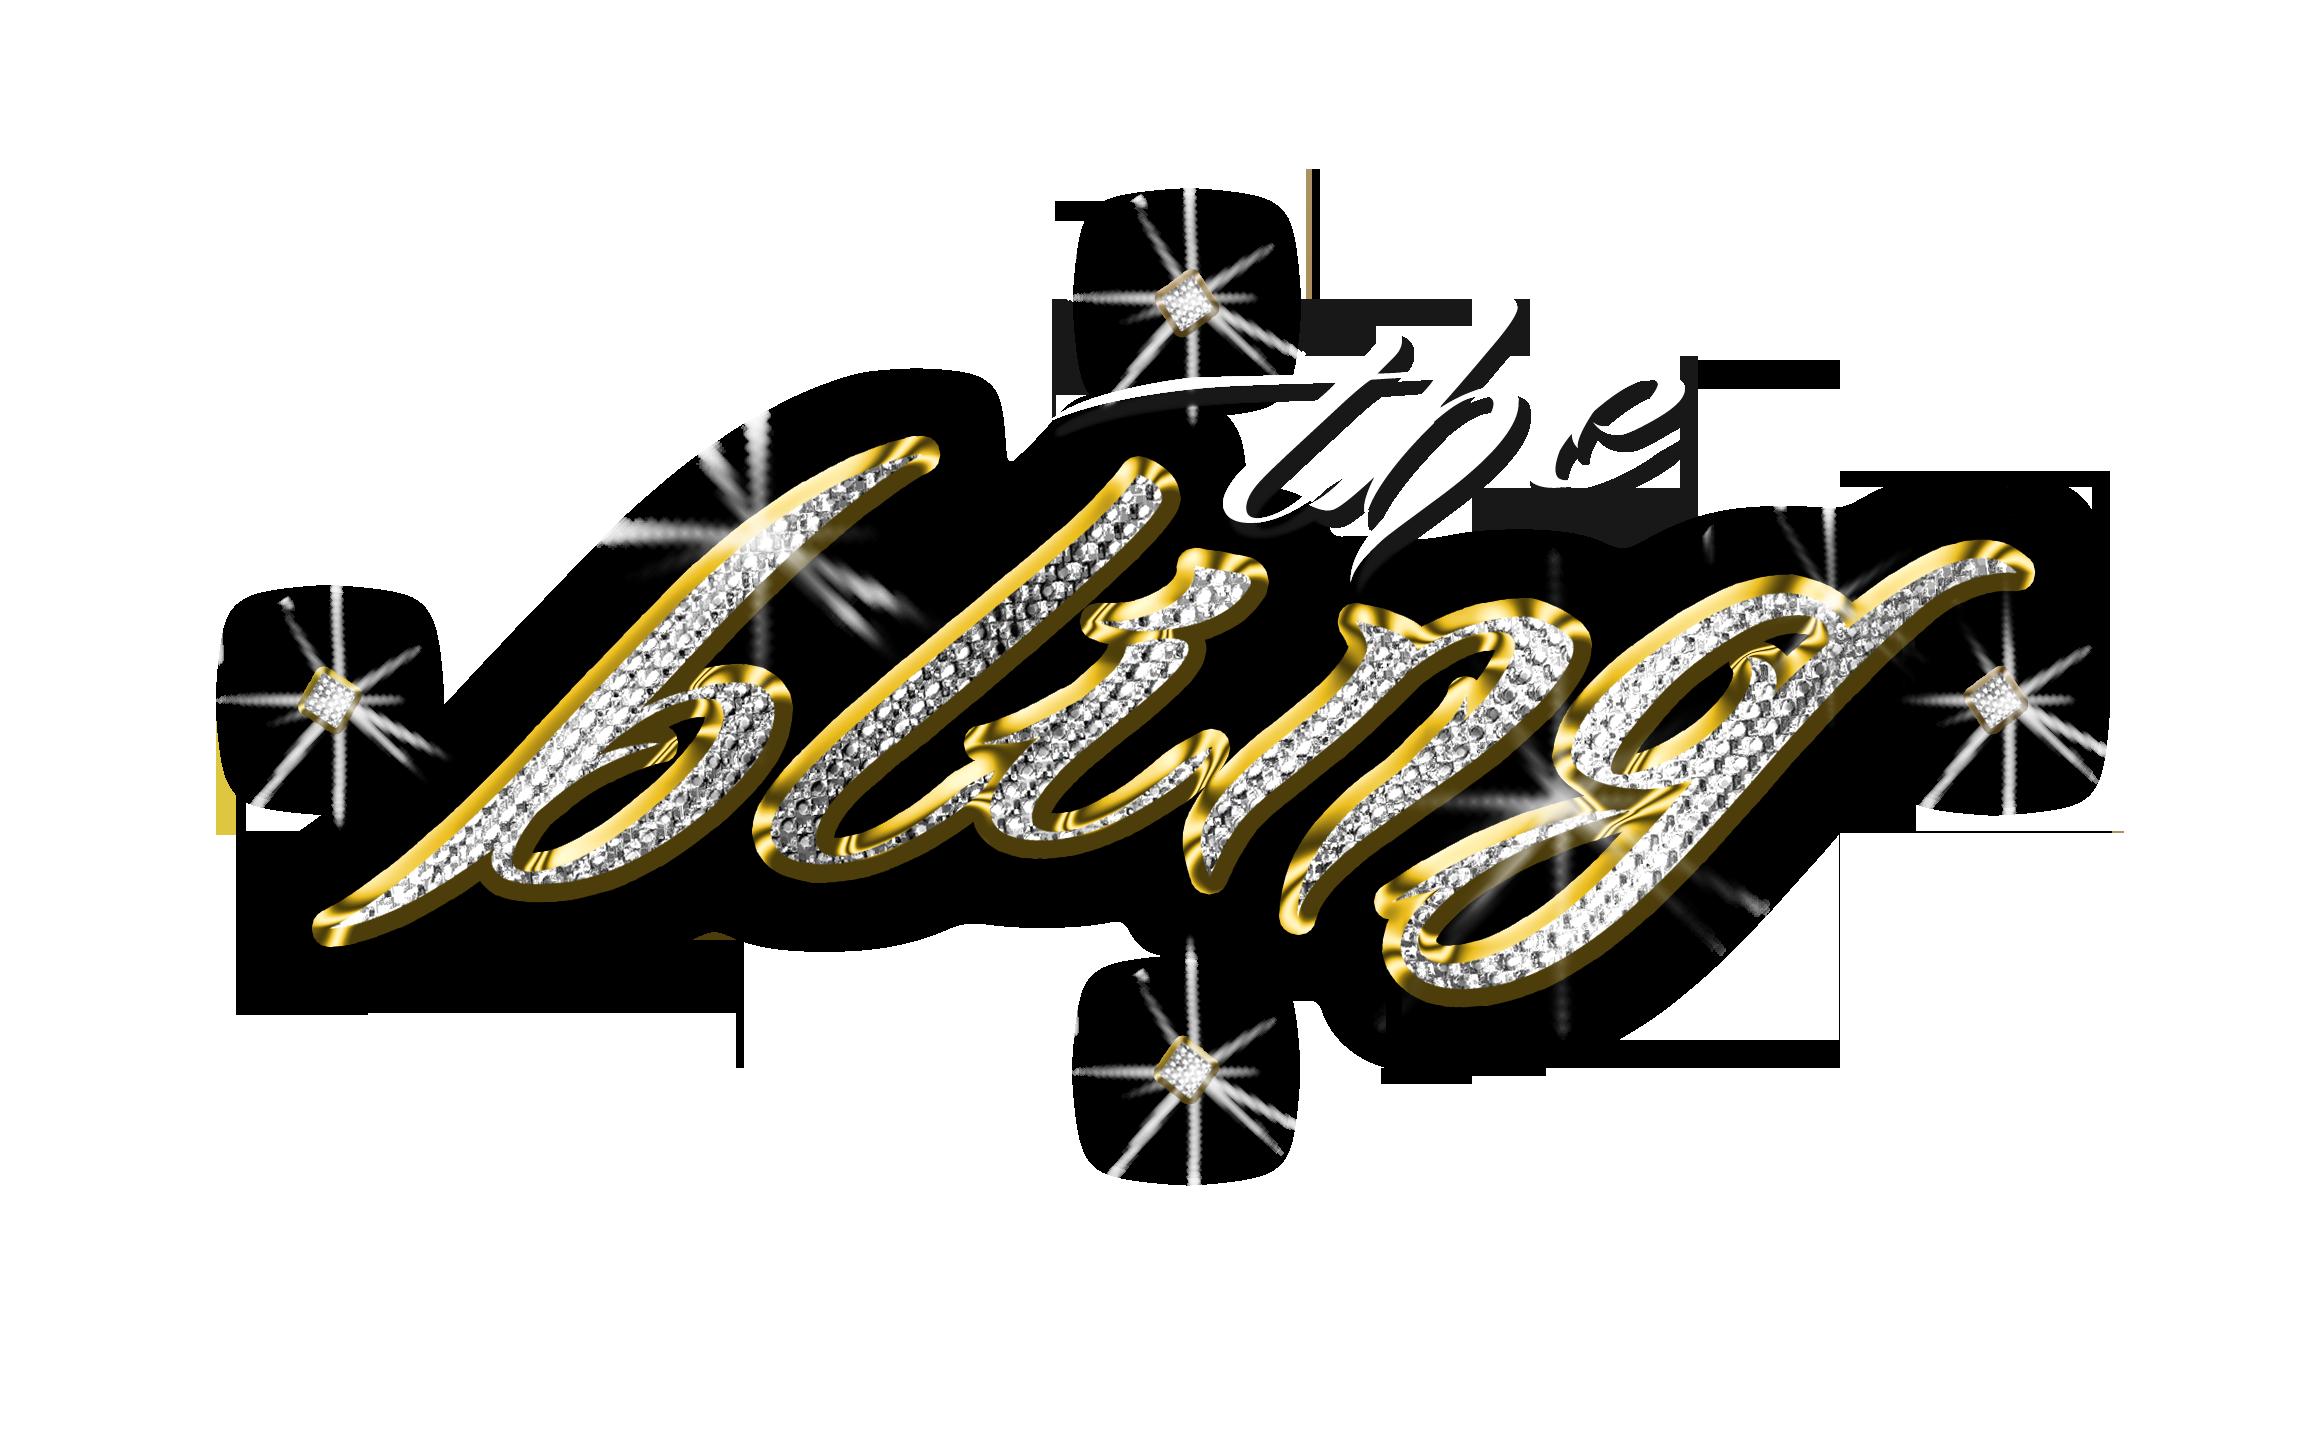 http://healingheartroom.blogspot.com/2016/02/drake-hotline-bling.html